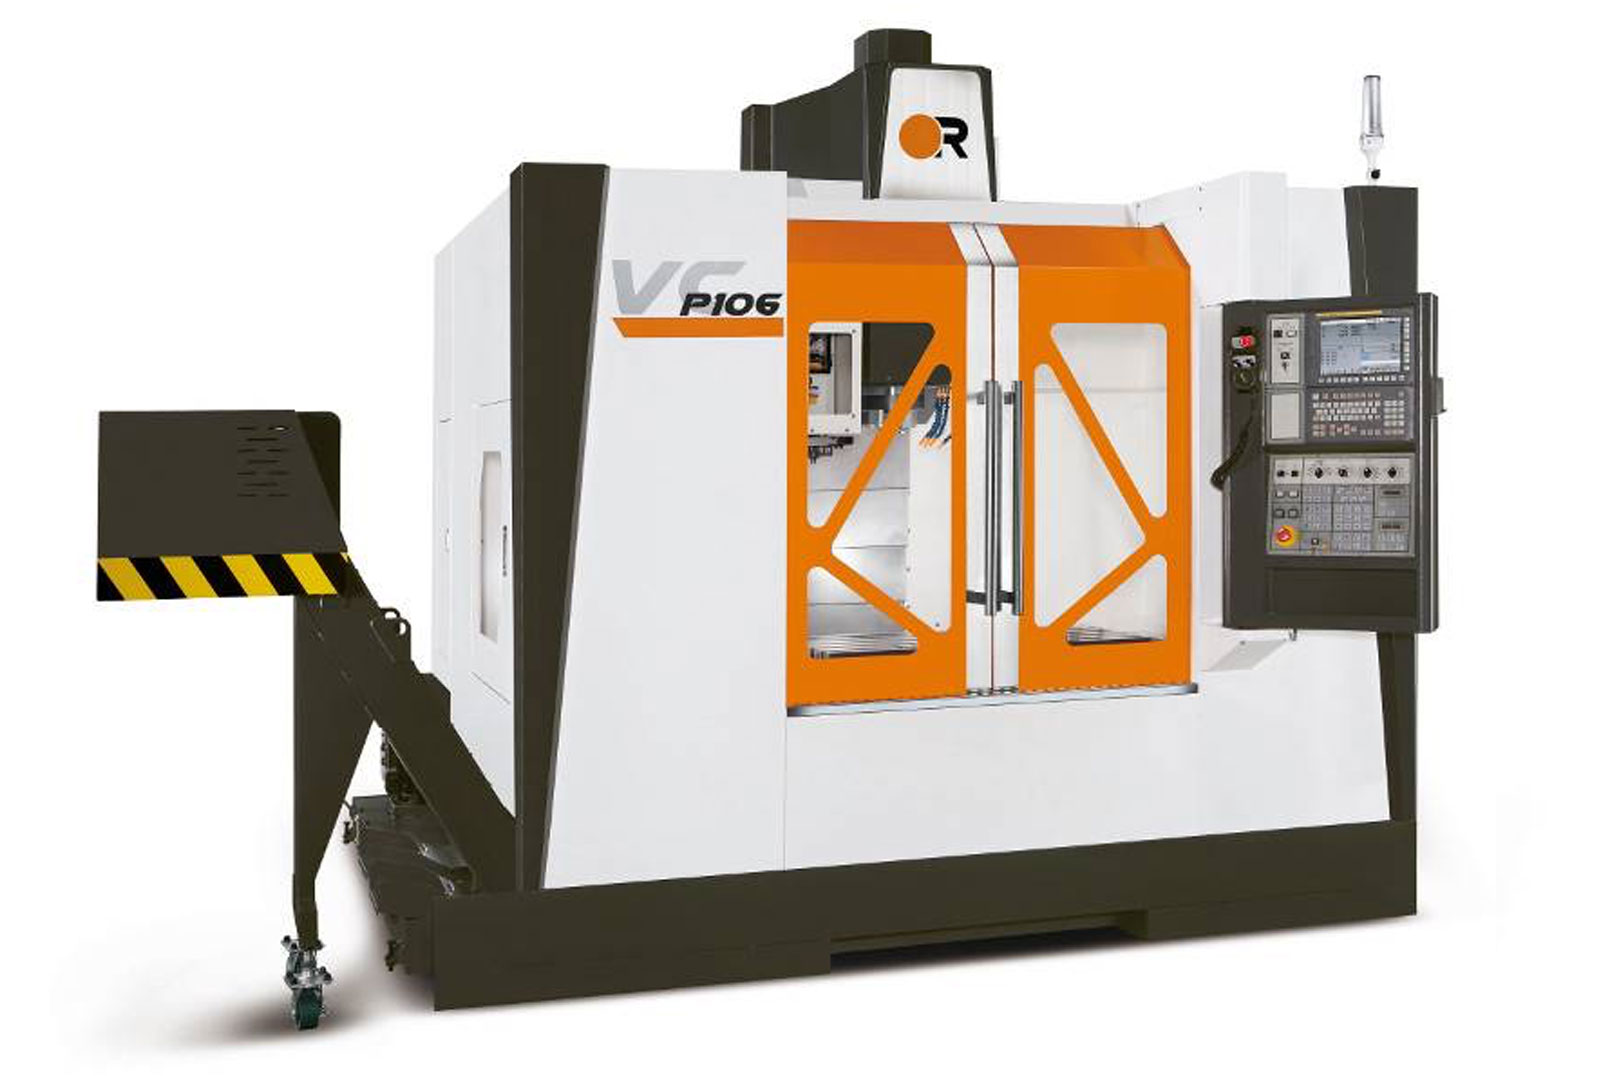 Victor P106 - Centro di Lavoro Verticale